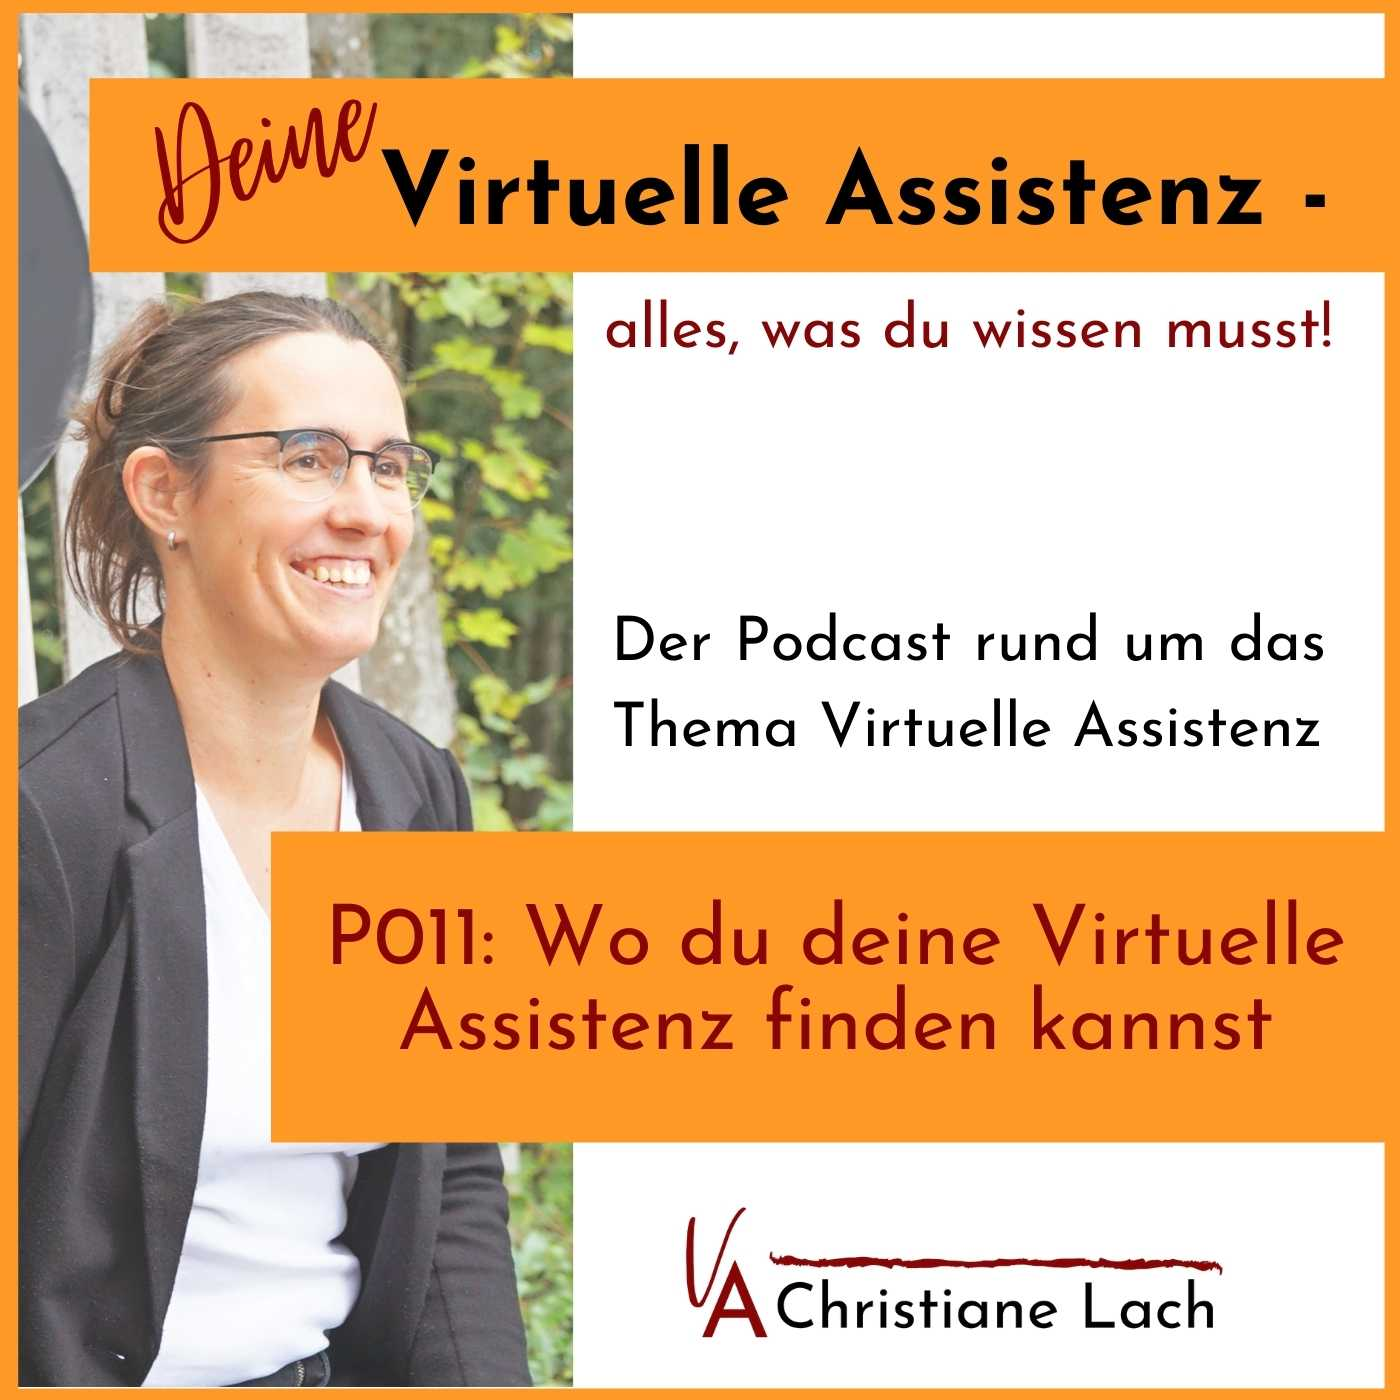 P011: Wo du deine Virtuelle Assistenz finden kannst